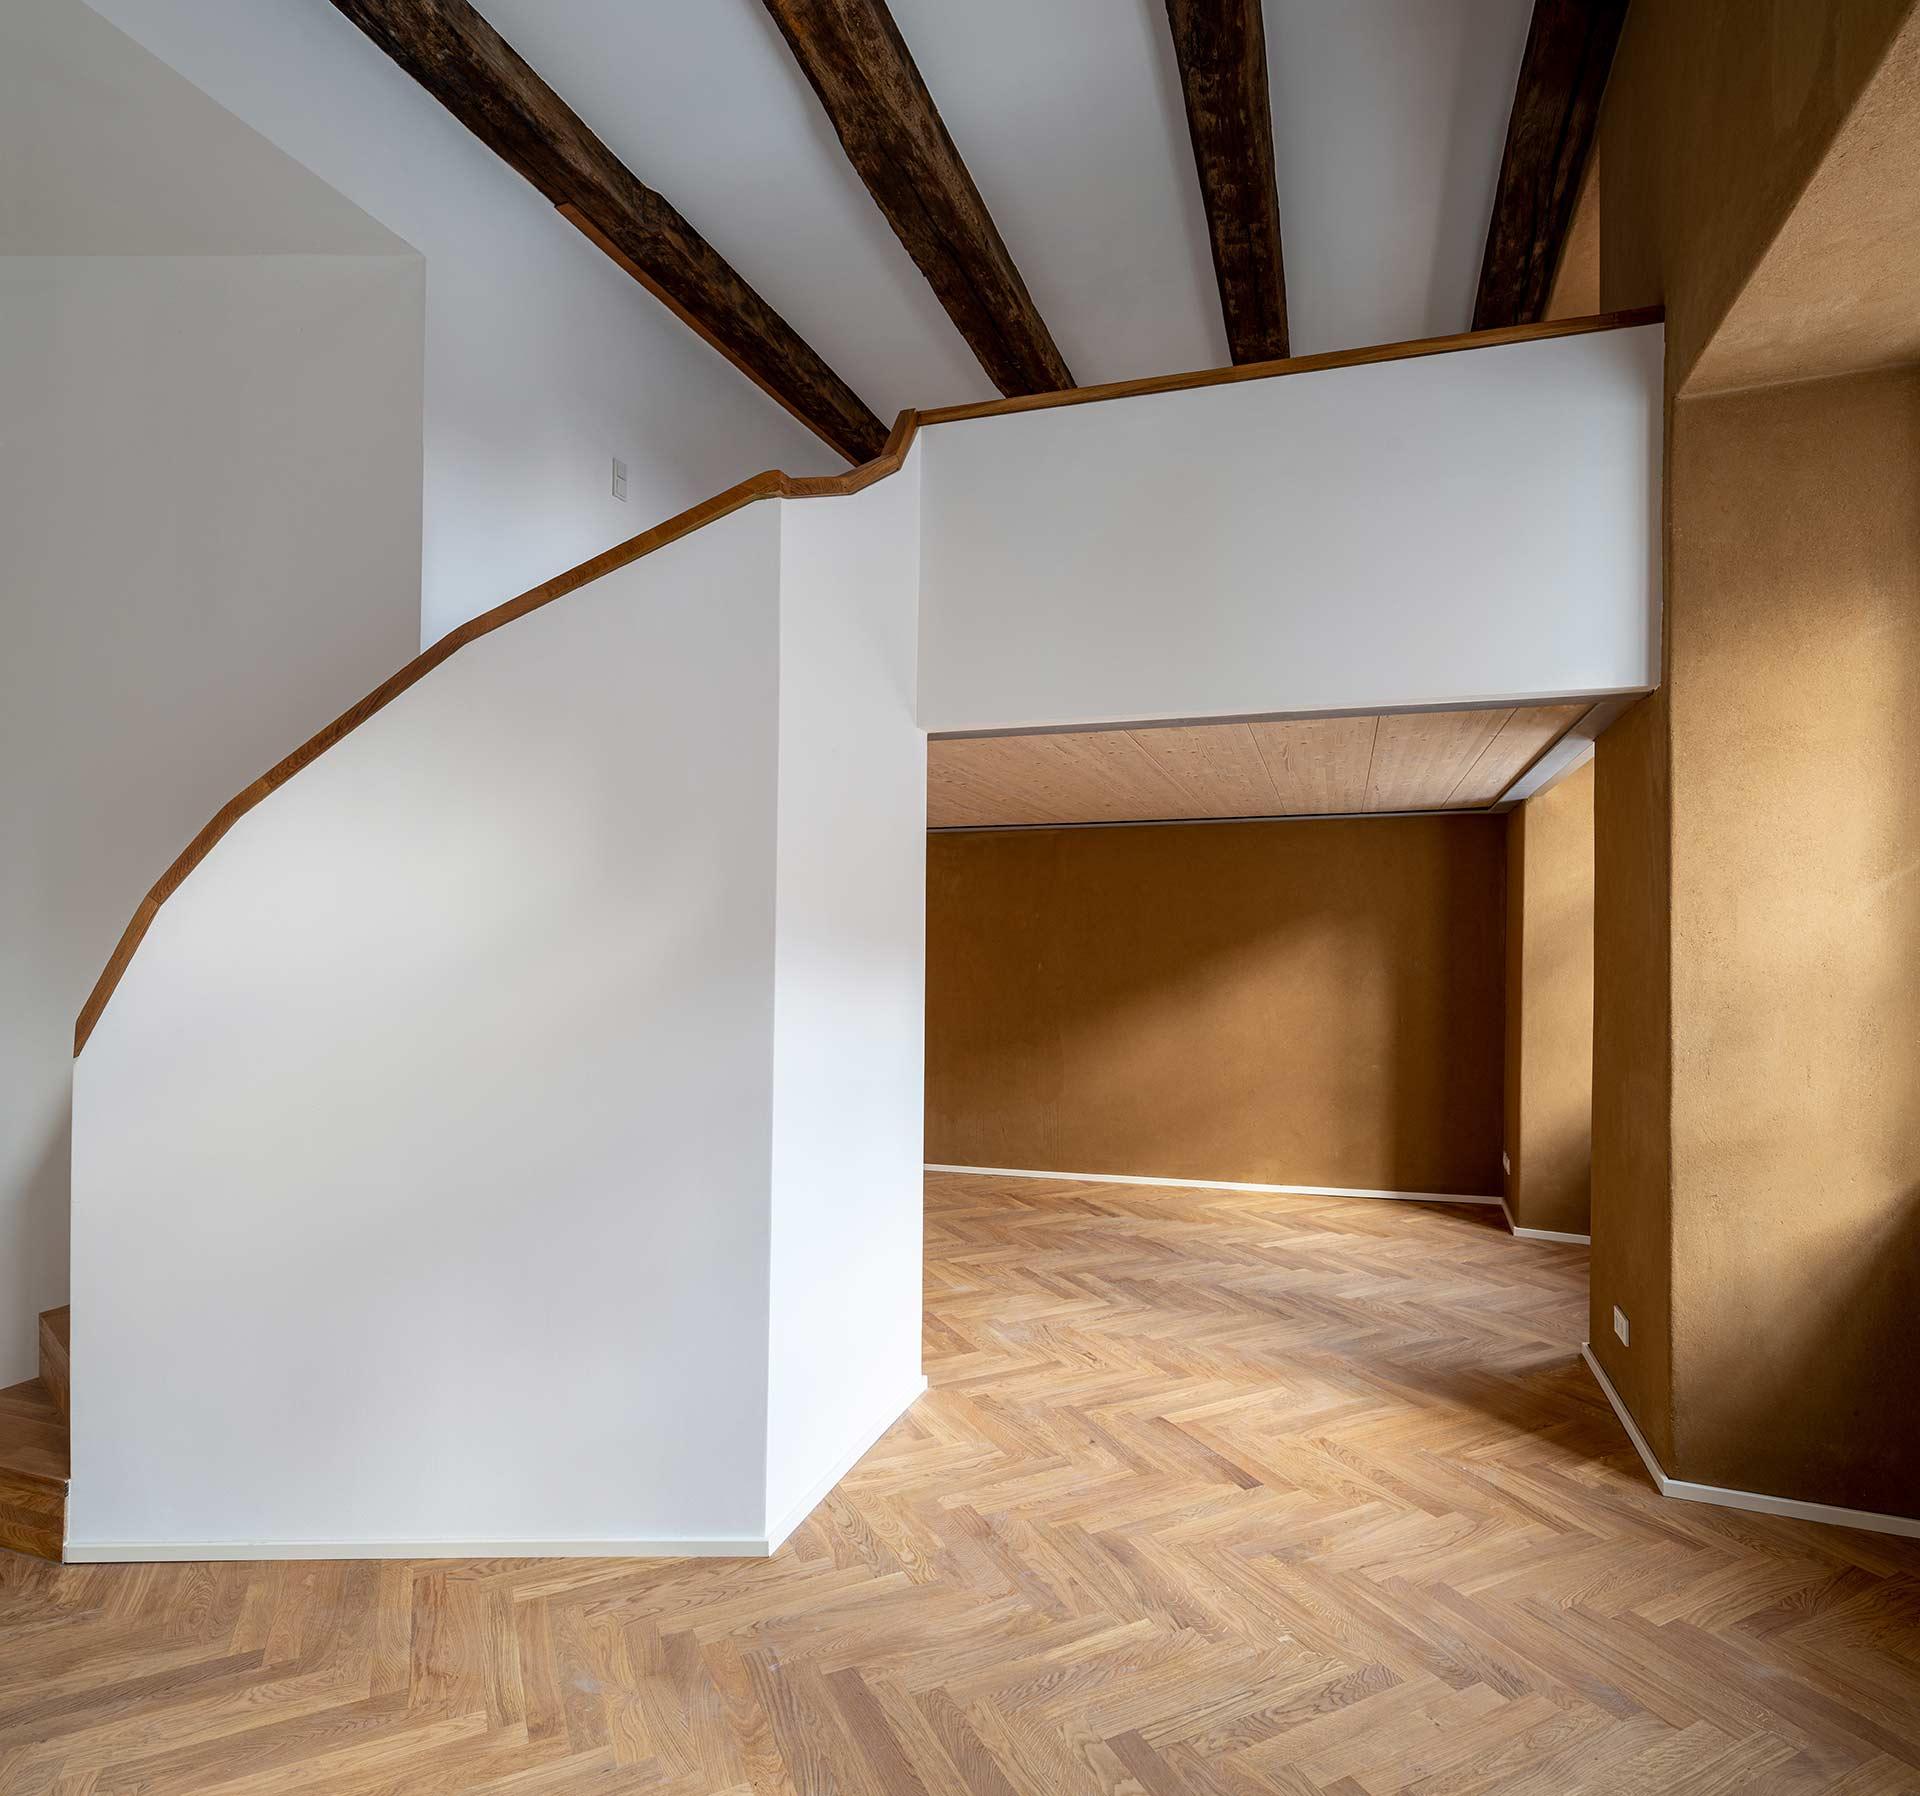 Alte Musikschule   Architekturaufnahmen von Fotograf Thorsten Scherz